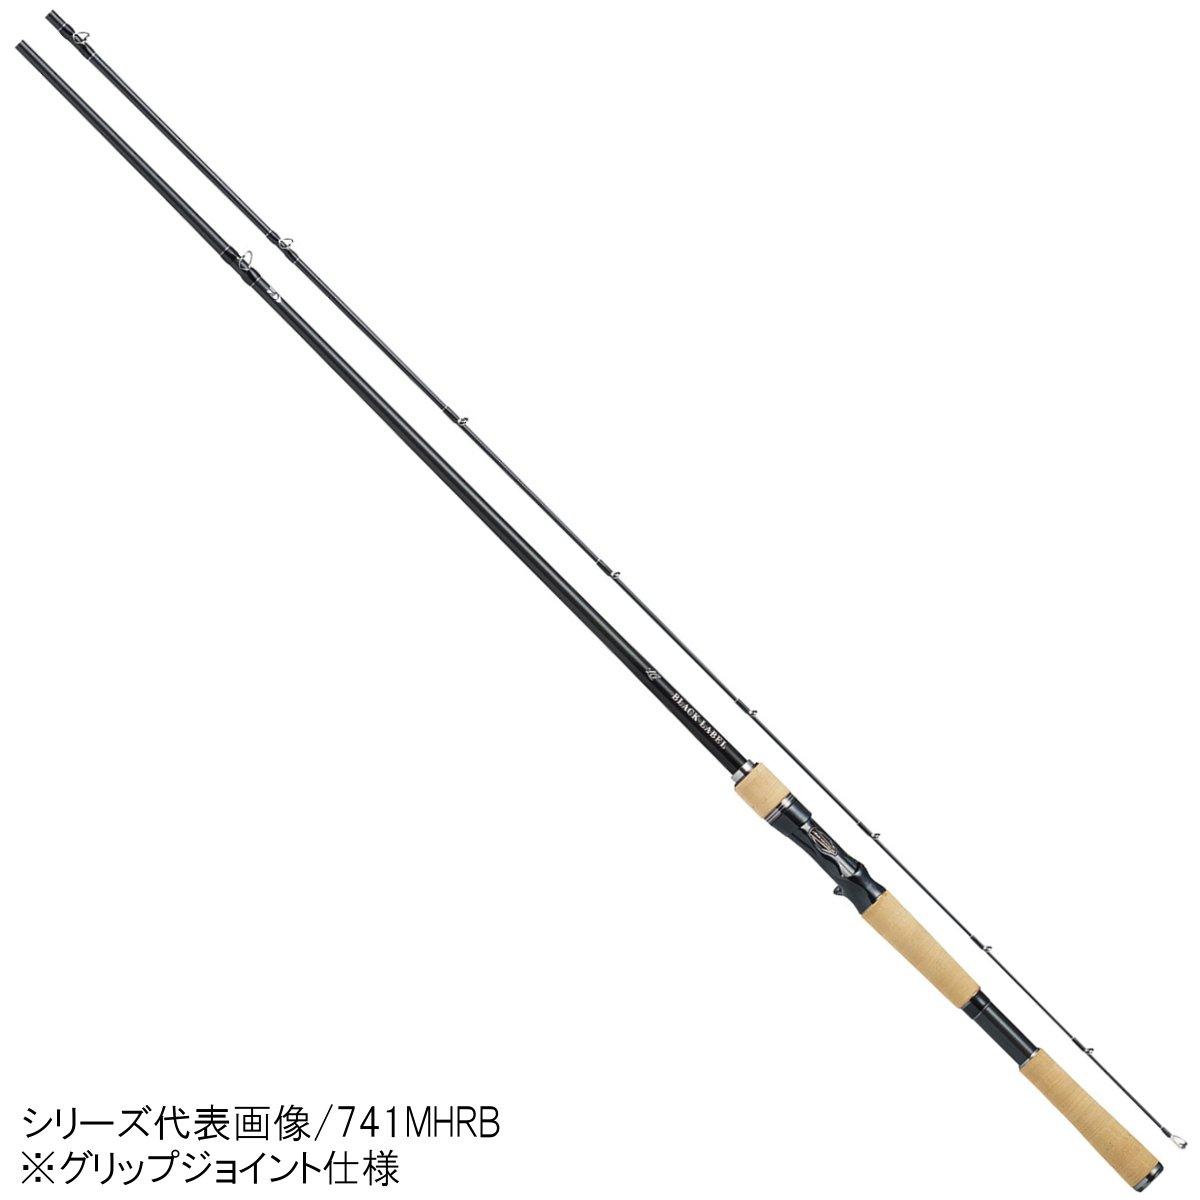 ダイワ ブラックレーベル LG(ベイトキャスティングモデル) 6111H+FB-SB【大型商品】(東日本店)